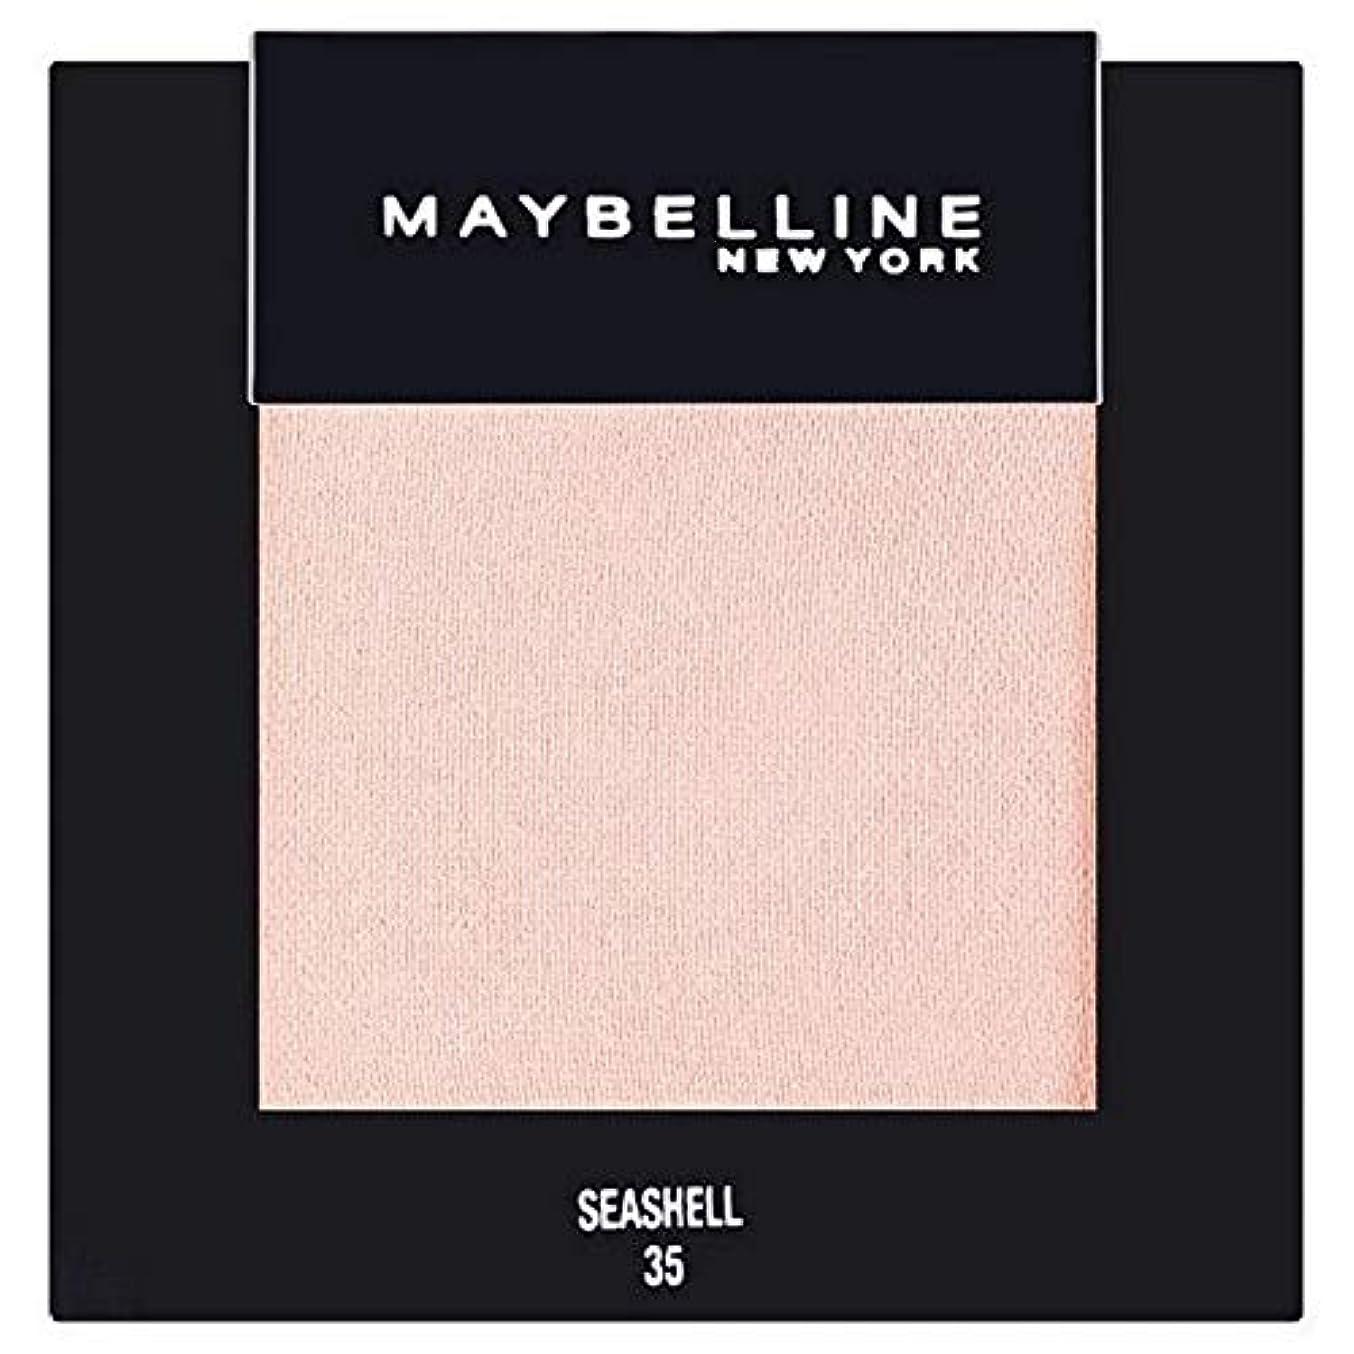 回路統治する入手します[Maybelline ] メイベリンカラーショーシングルアイシャドウ35貝殻 - Maybelline Color Show Single Eyeshadow 35 Seashell [並行輸入品]